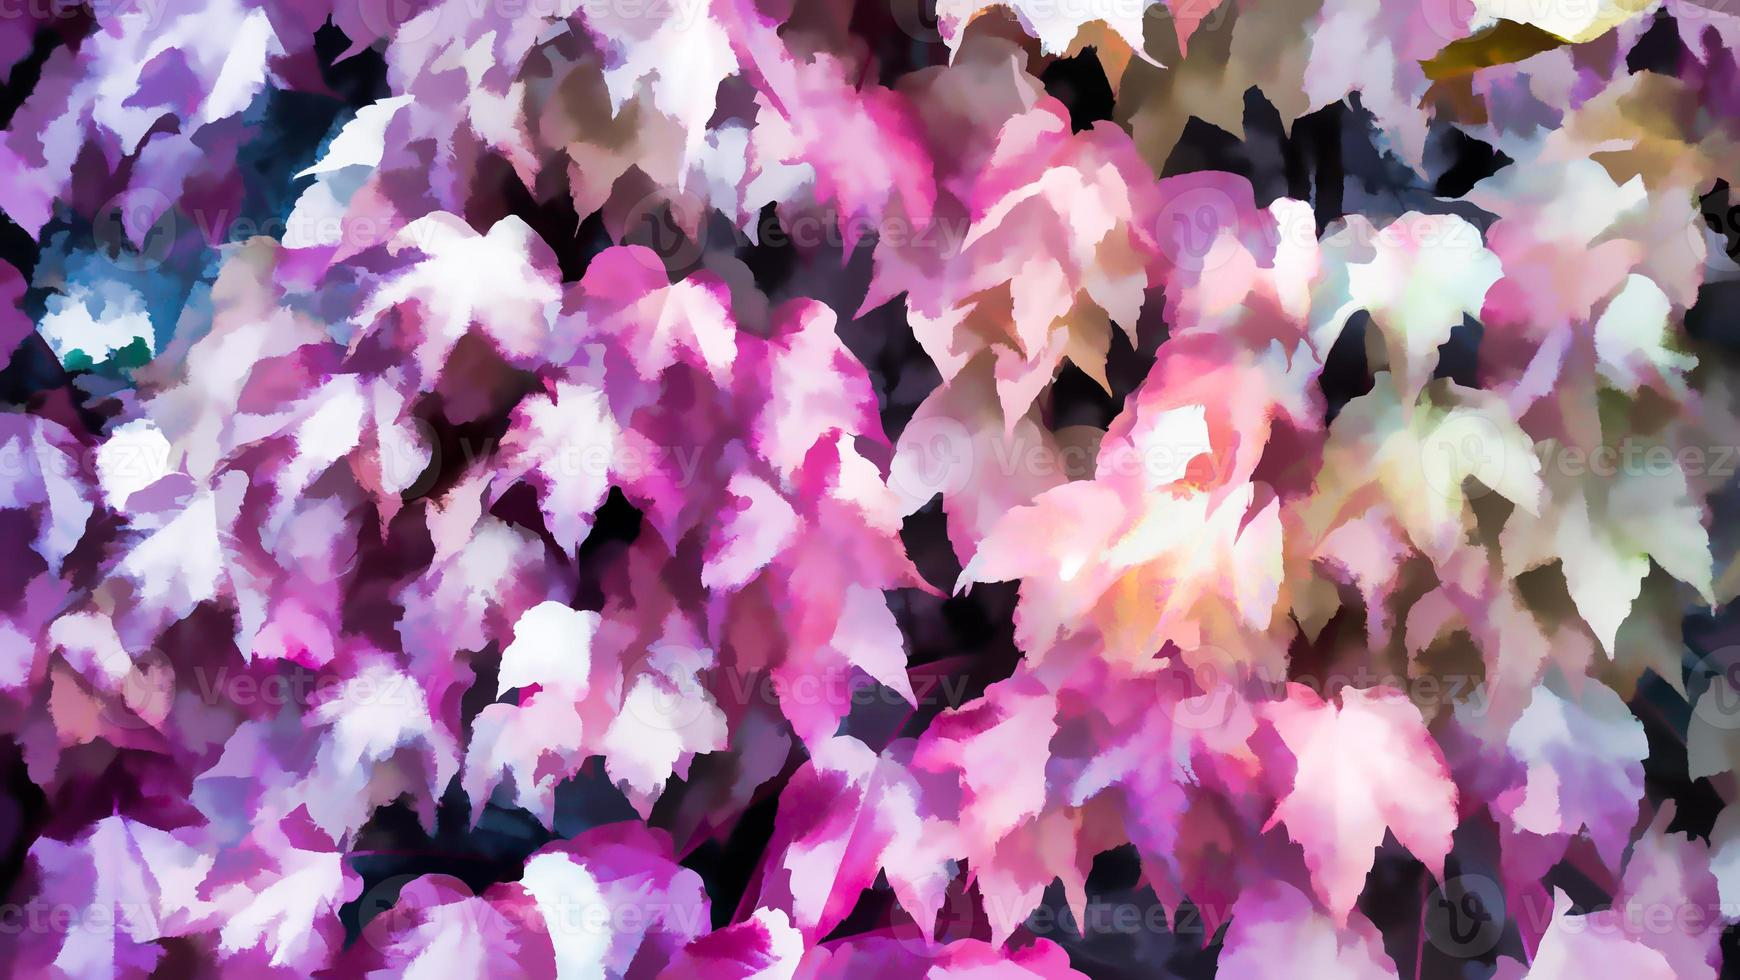 feuilles de couleur rose d'automne fond d'automne, couleurs d'automne photo